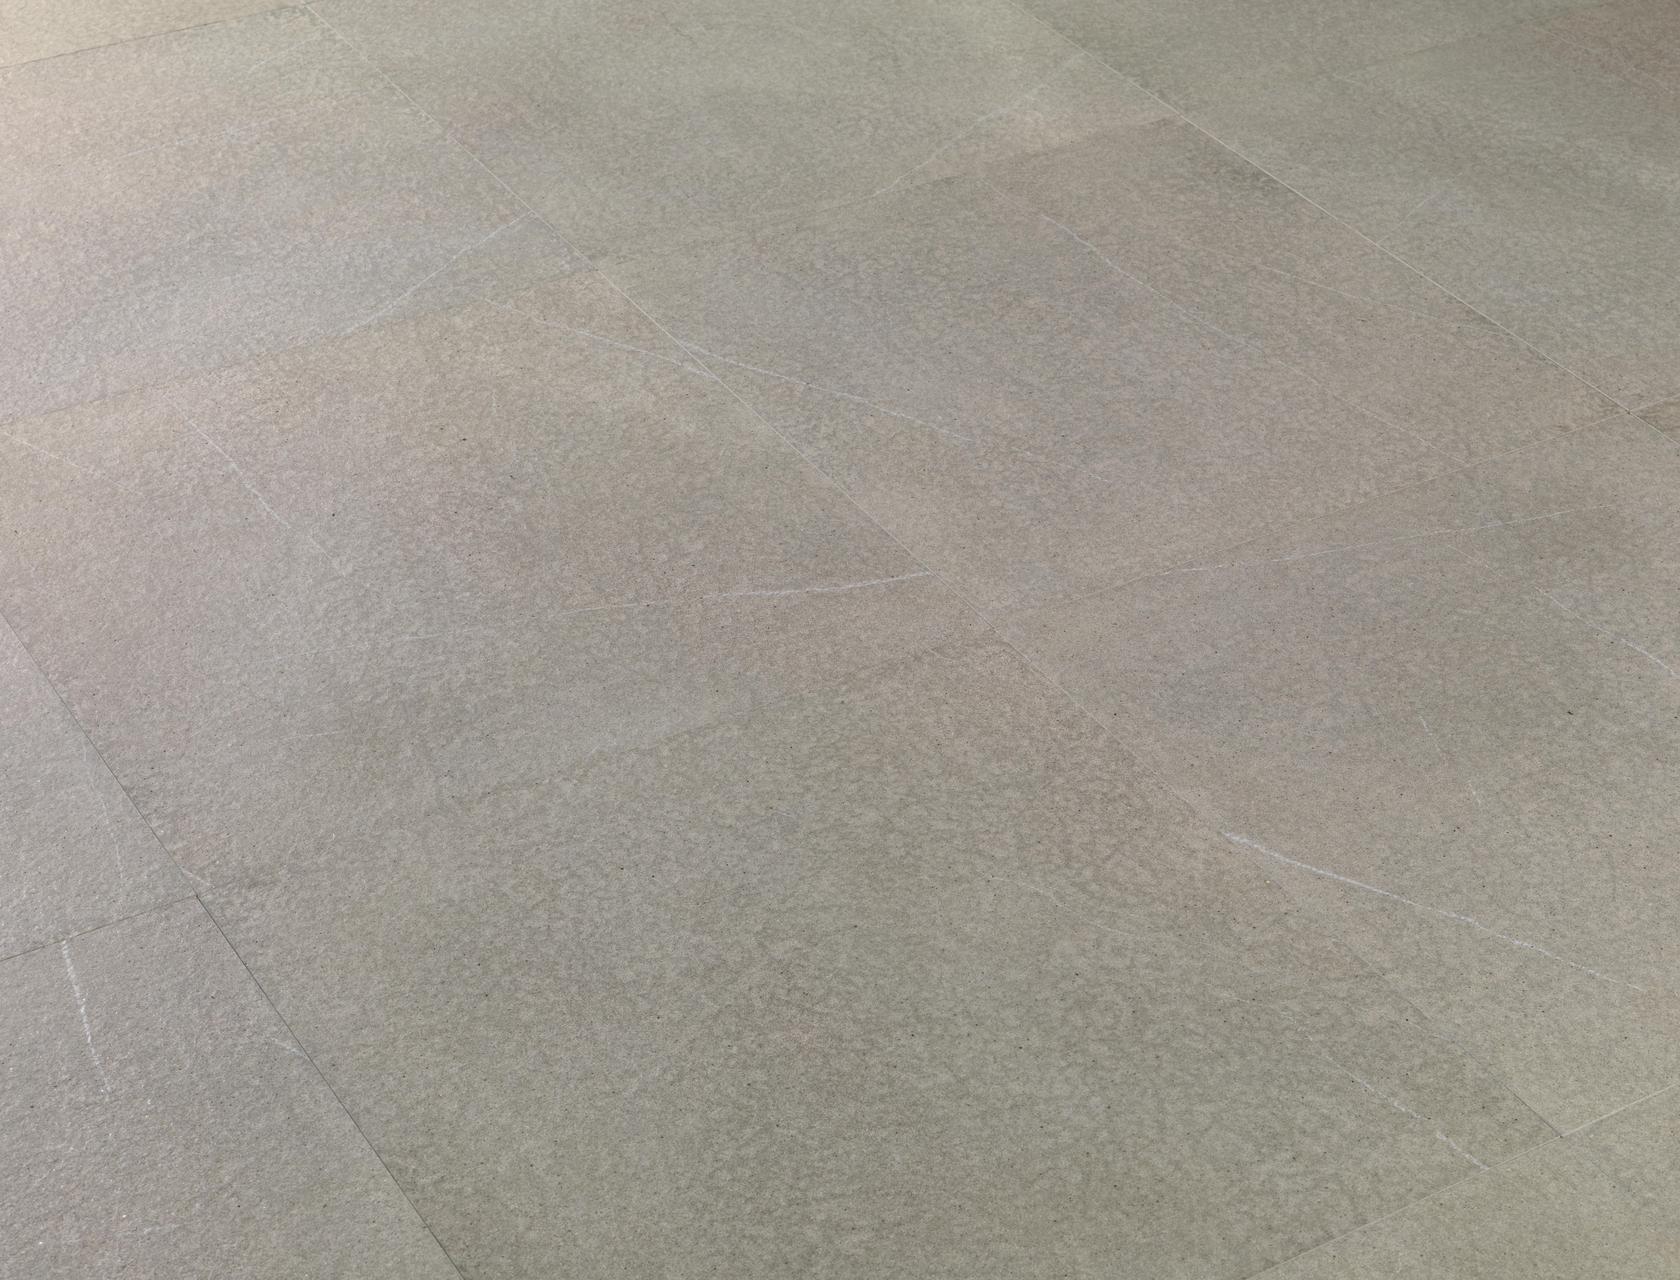 Fußboden für den außenbereich aus feinsteinzeug optik pietra piasentina